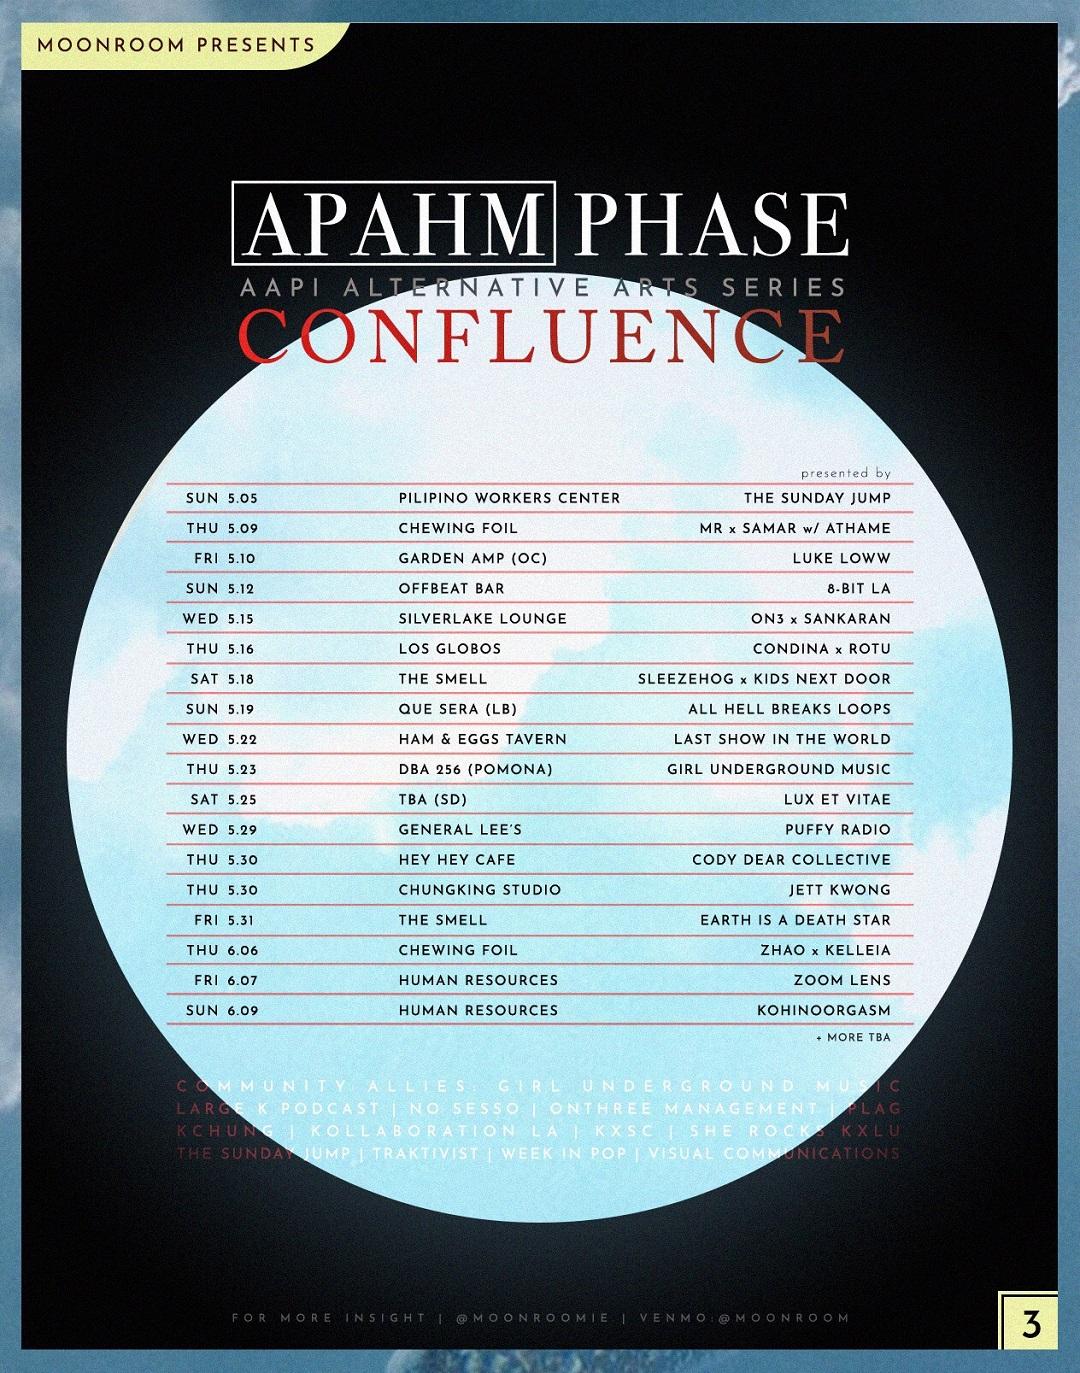 aphahm phase 2019 3 week in pop.jpg